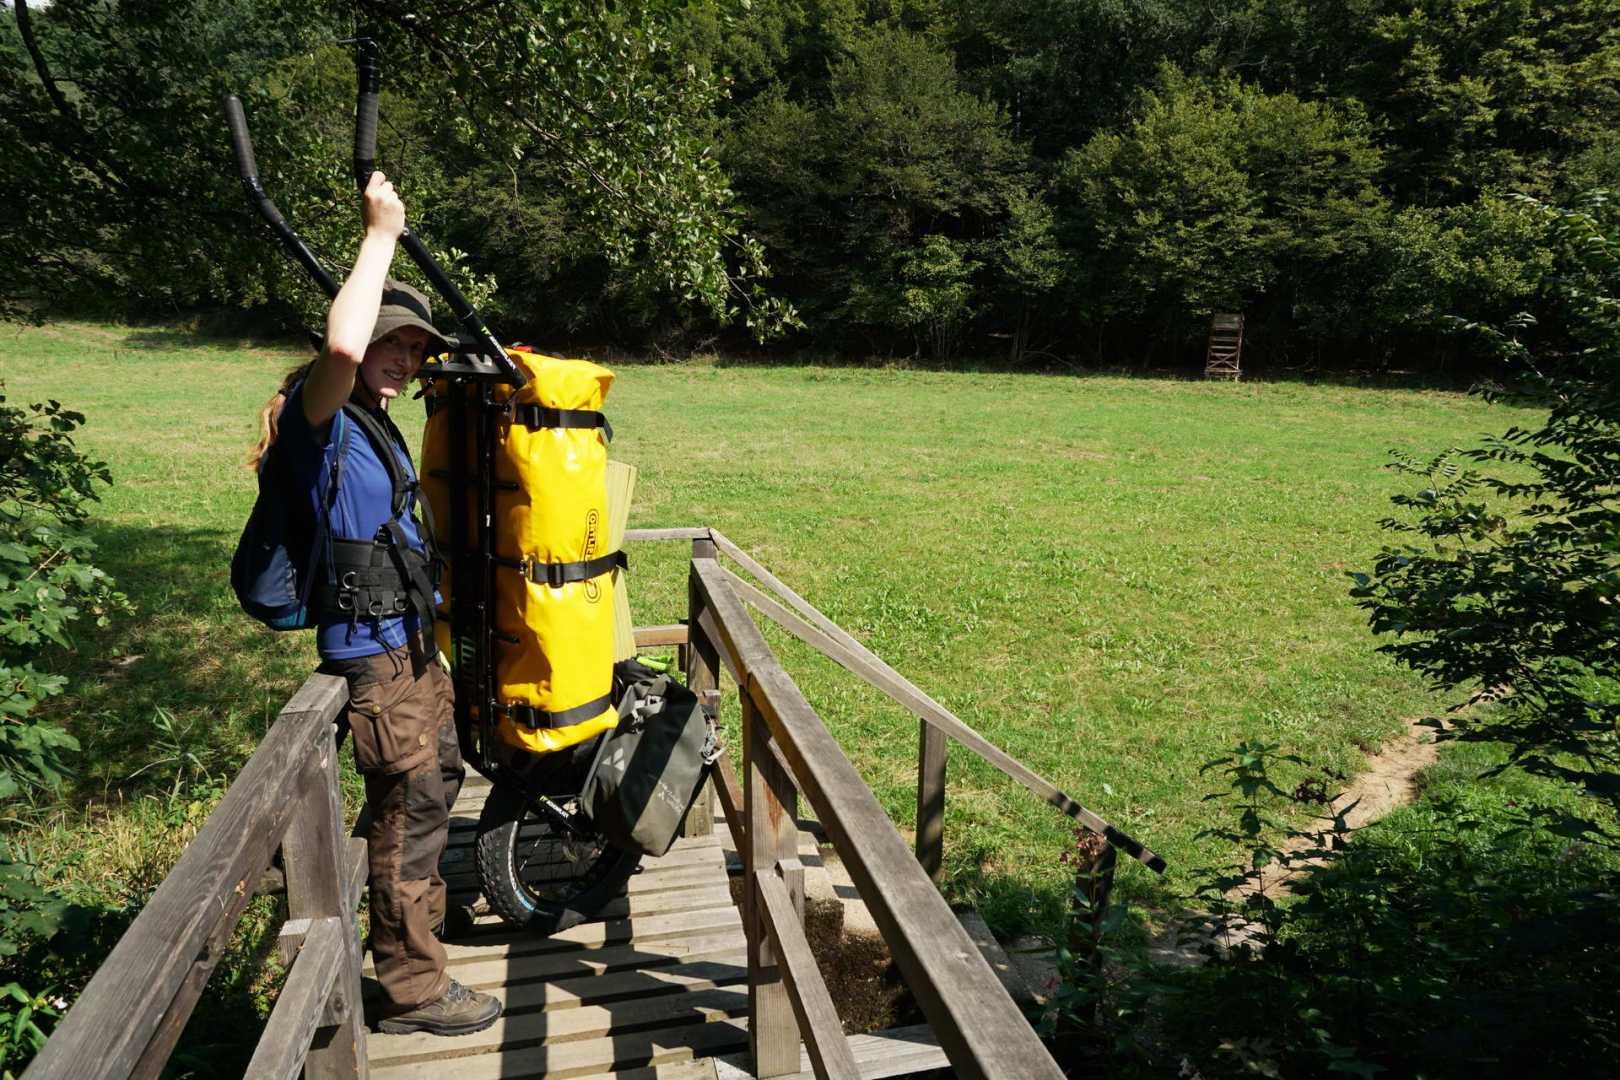 Jana nimmt den Monowalker auf einer Brücke hochkant um wendiger zu sein